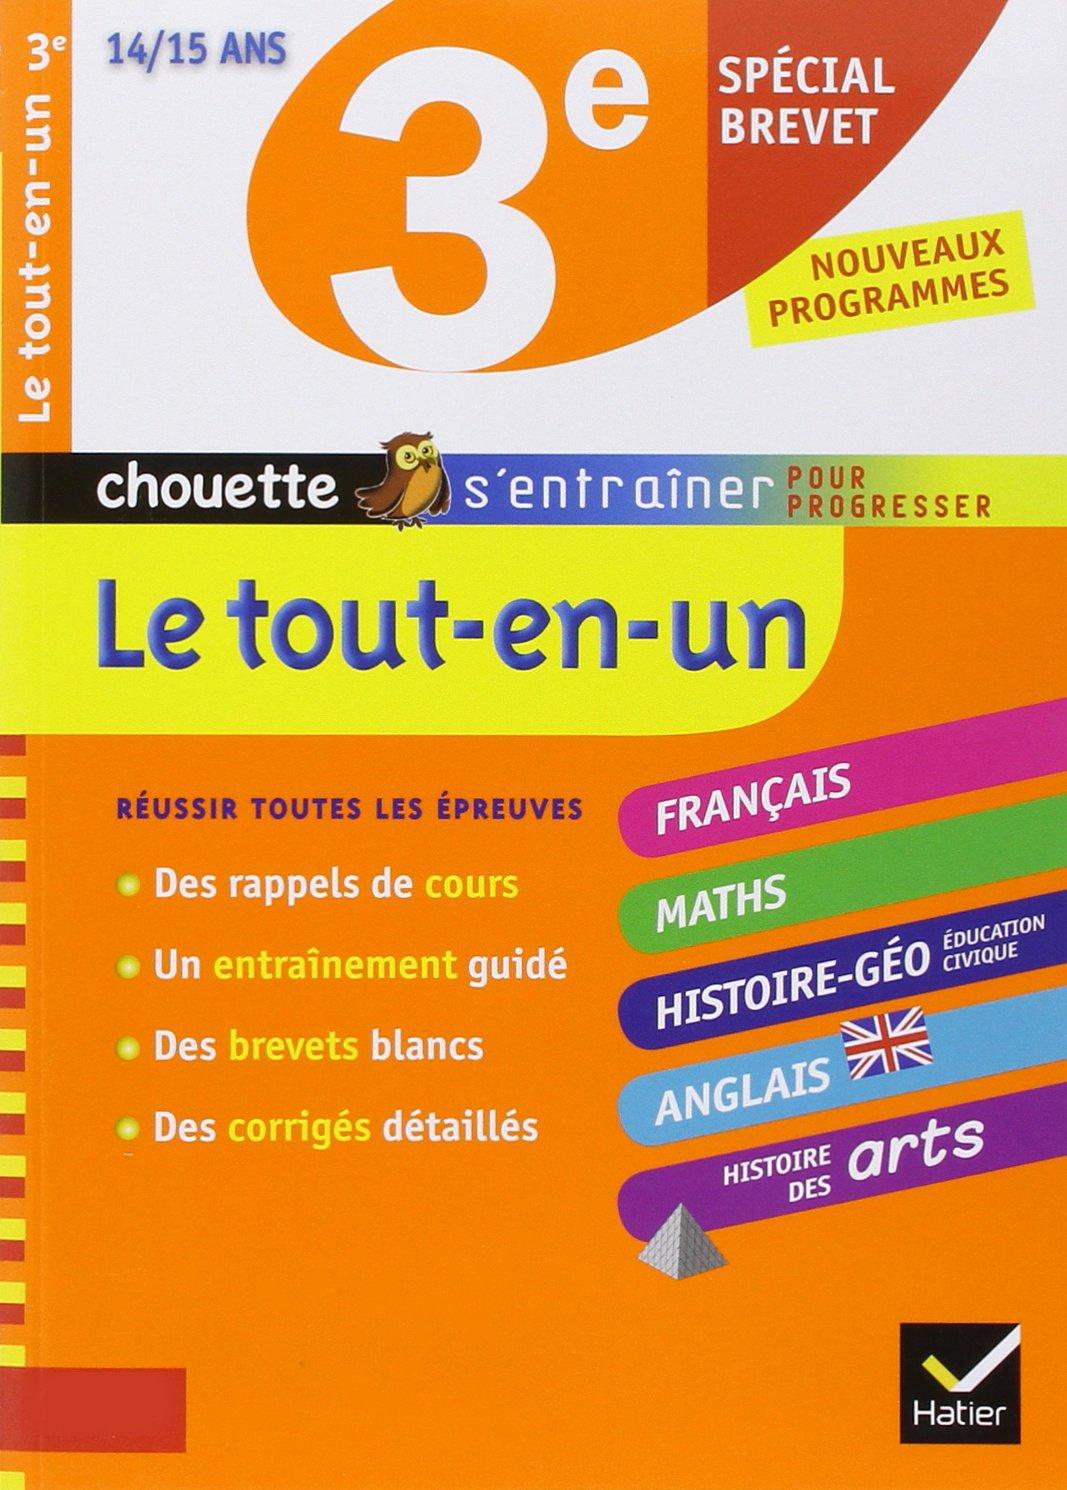 Tout-en-un 3e spécial brevet - Chouette: Français, Maths, Histoire-géo, Anglais, Histoire des arts Chouette Entraînement: Amazon.es: Nicole Nemni-Nataf, ...